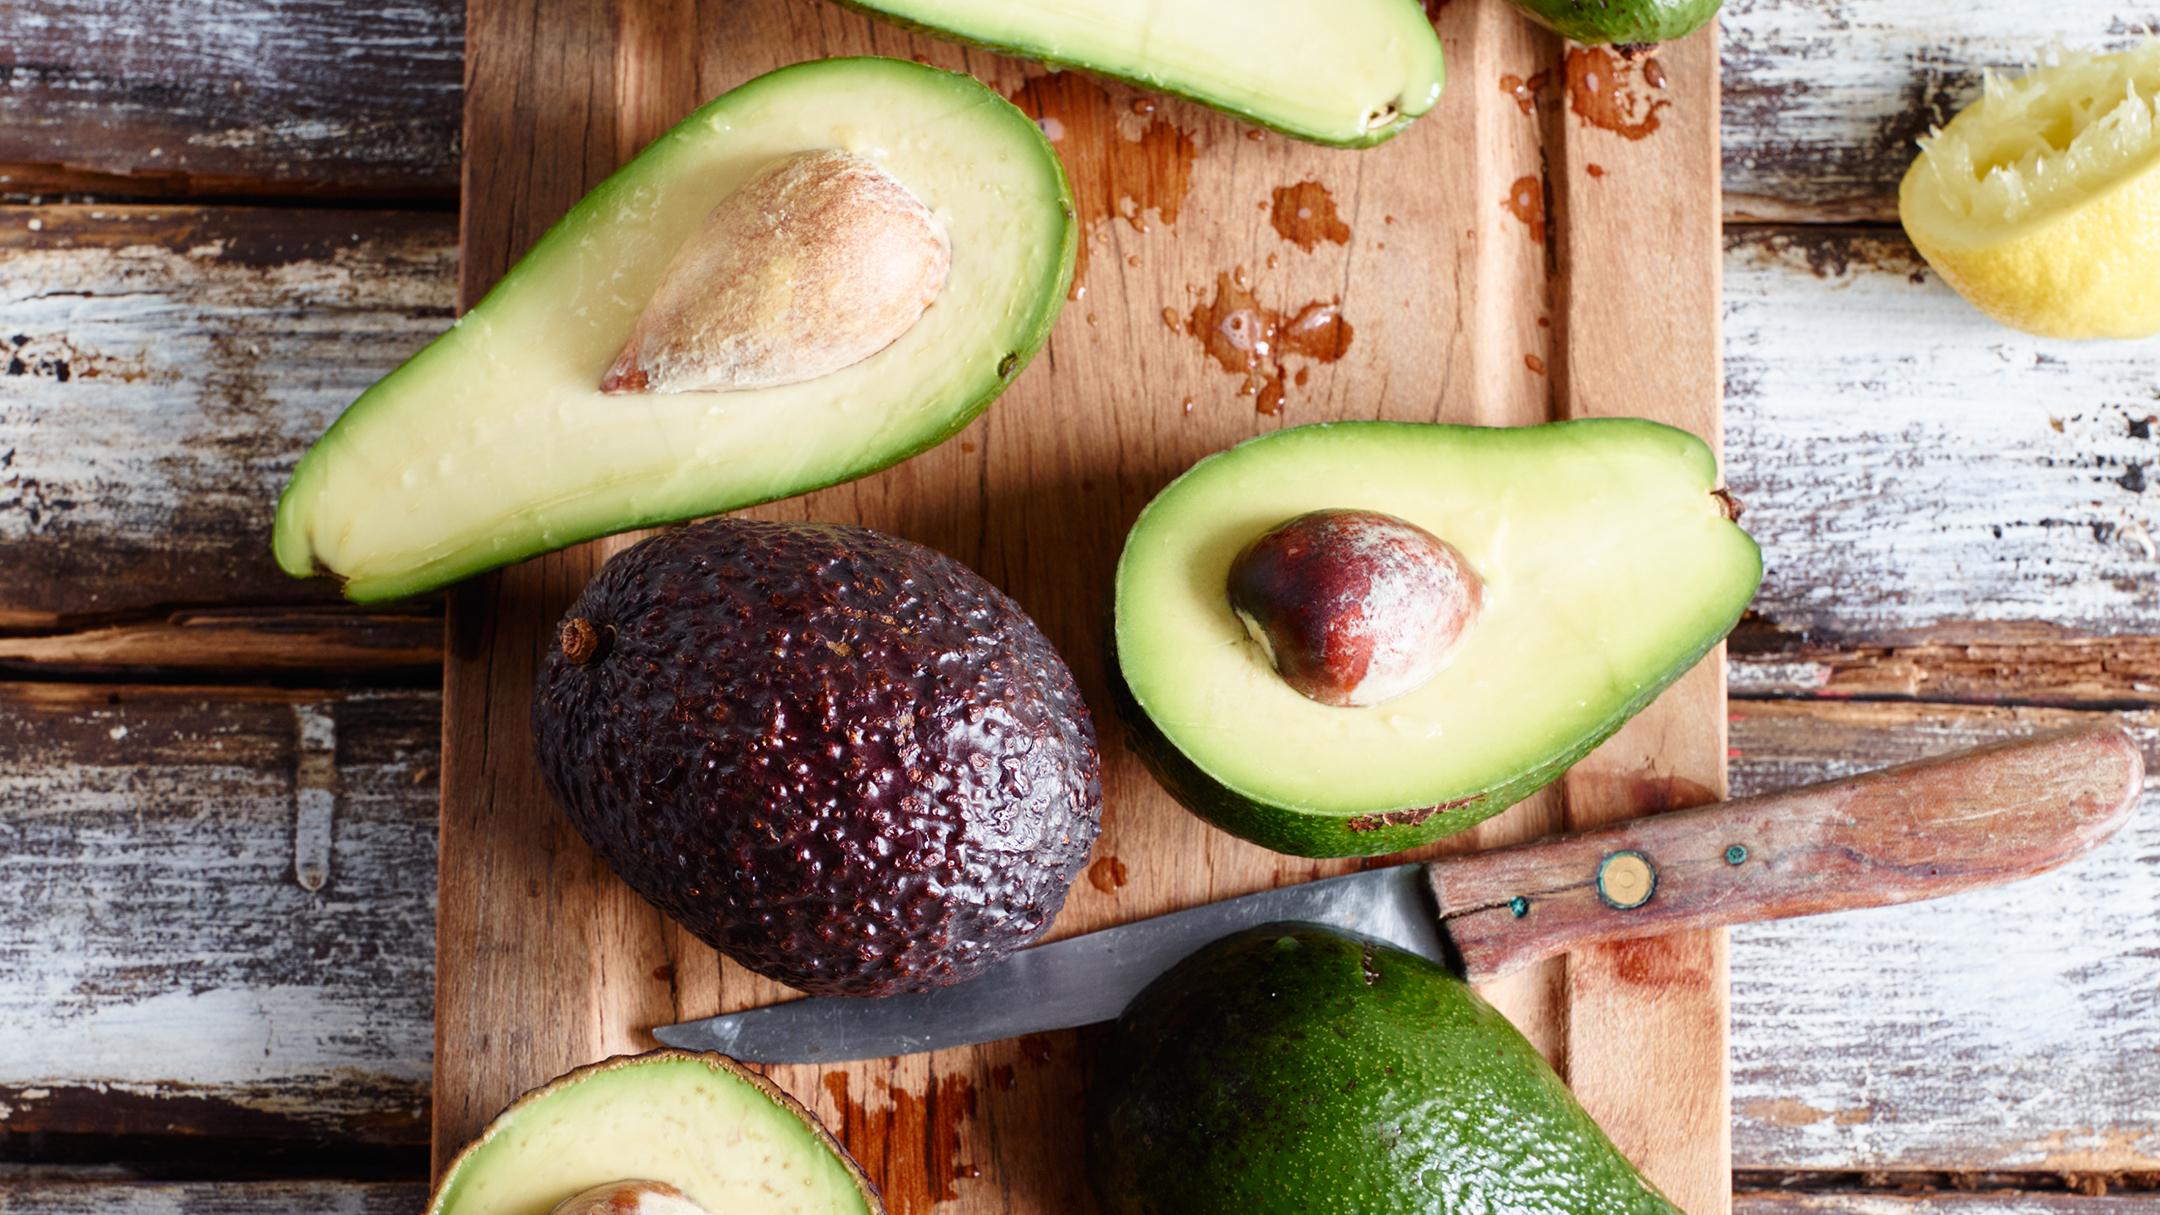 Авокадо хаас: описание сорта, чем отличается от обычного